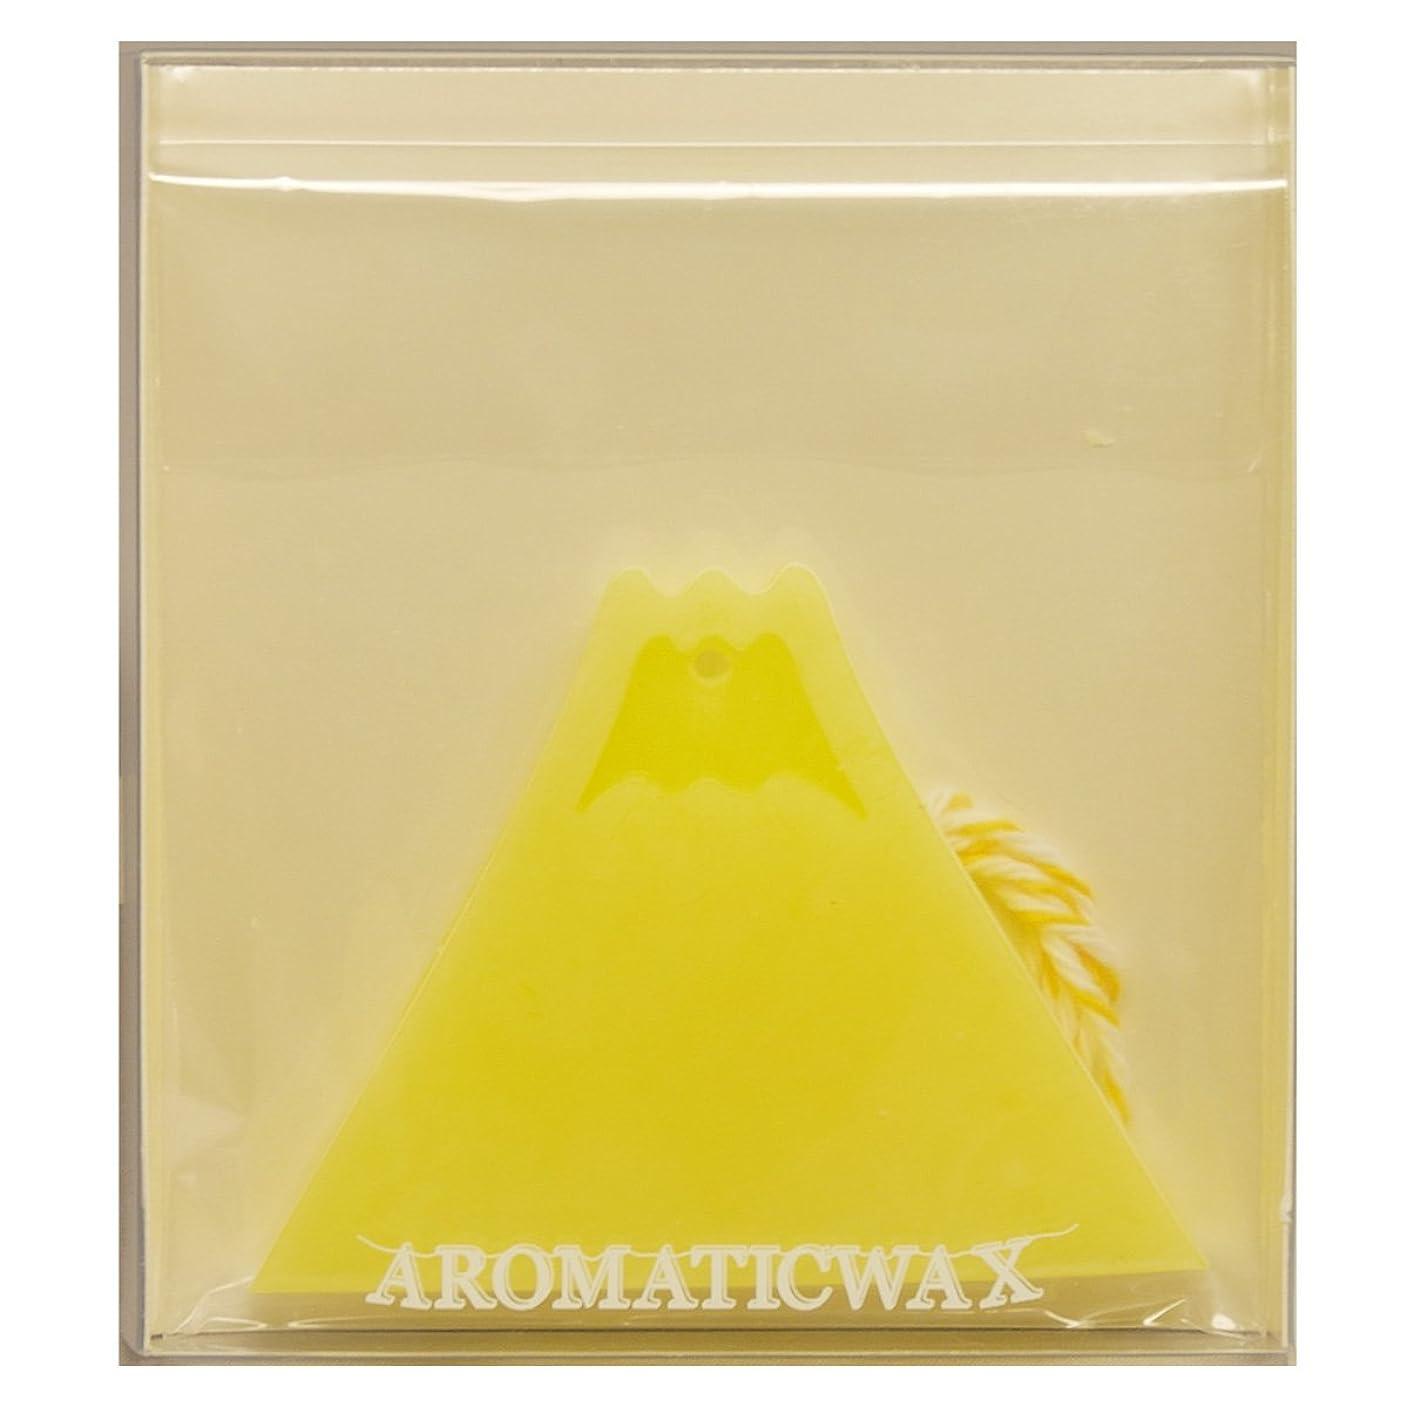 乱気流伝染病の面ではGRASSE TOKYO AROMATICWAXチャーム「富士山」(YE) ベルガモット アロマティックワックス グラーストウキョウ